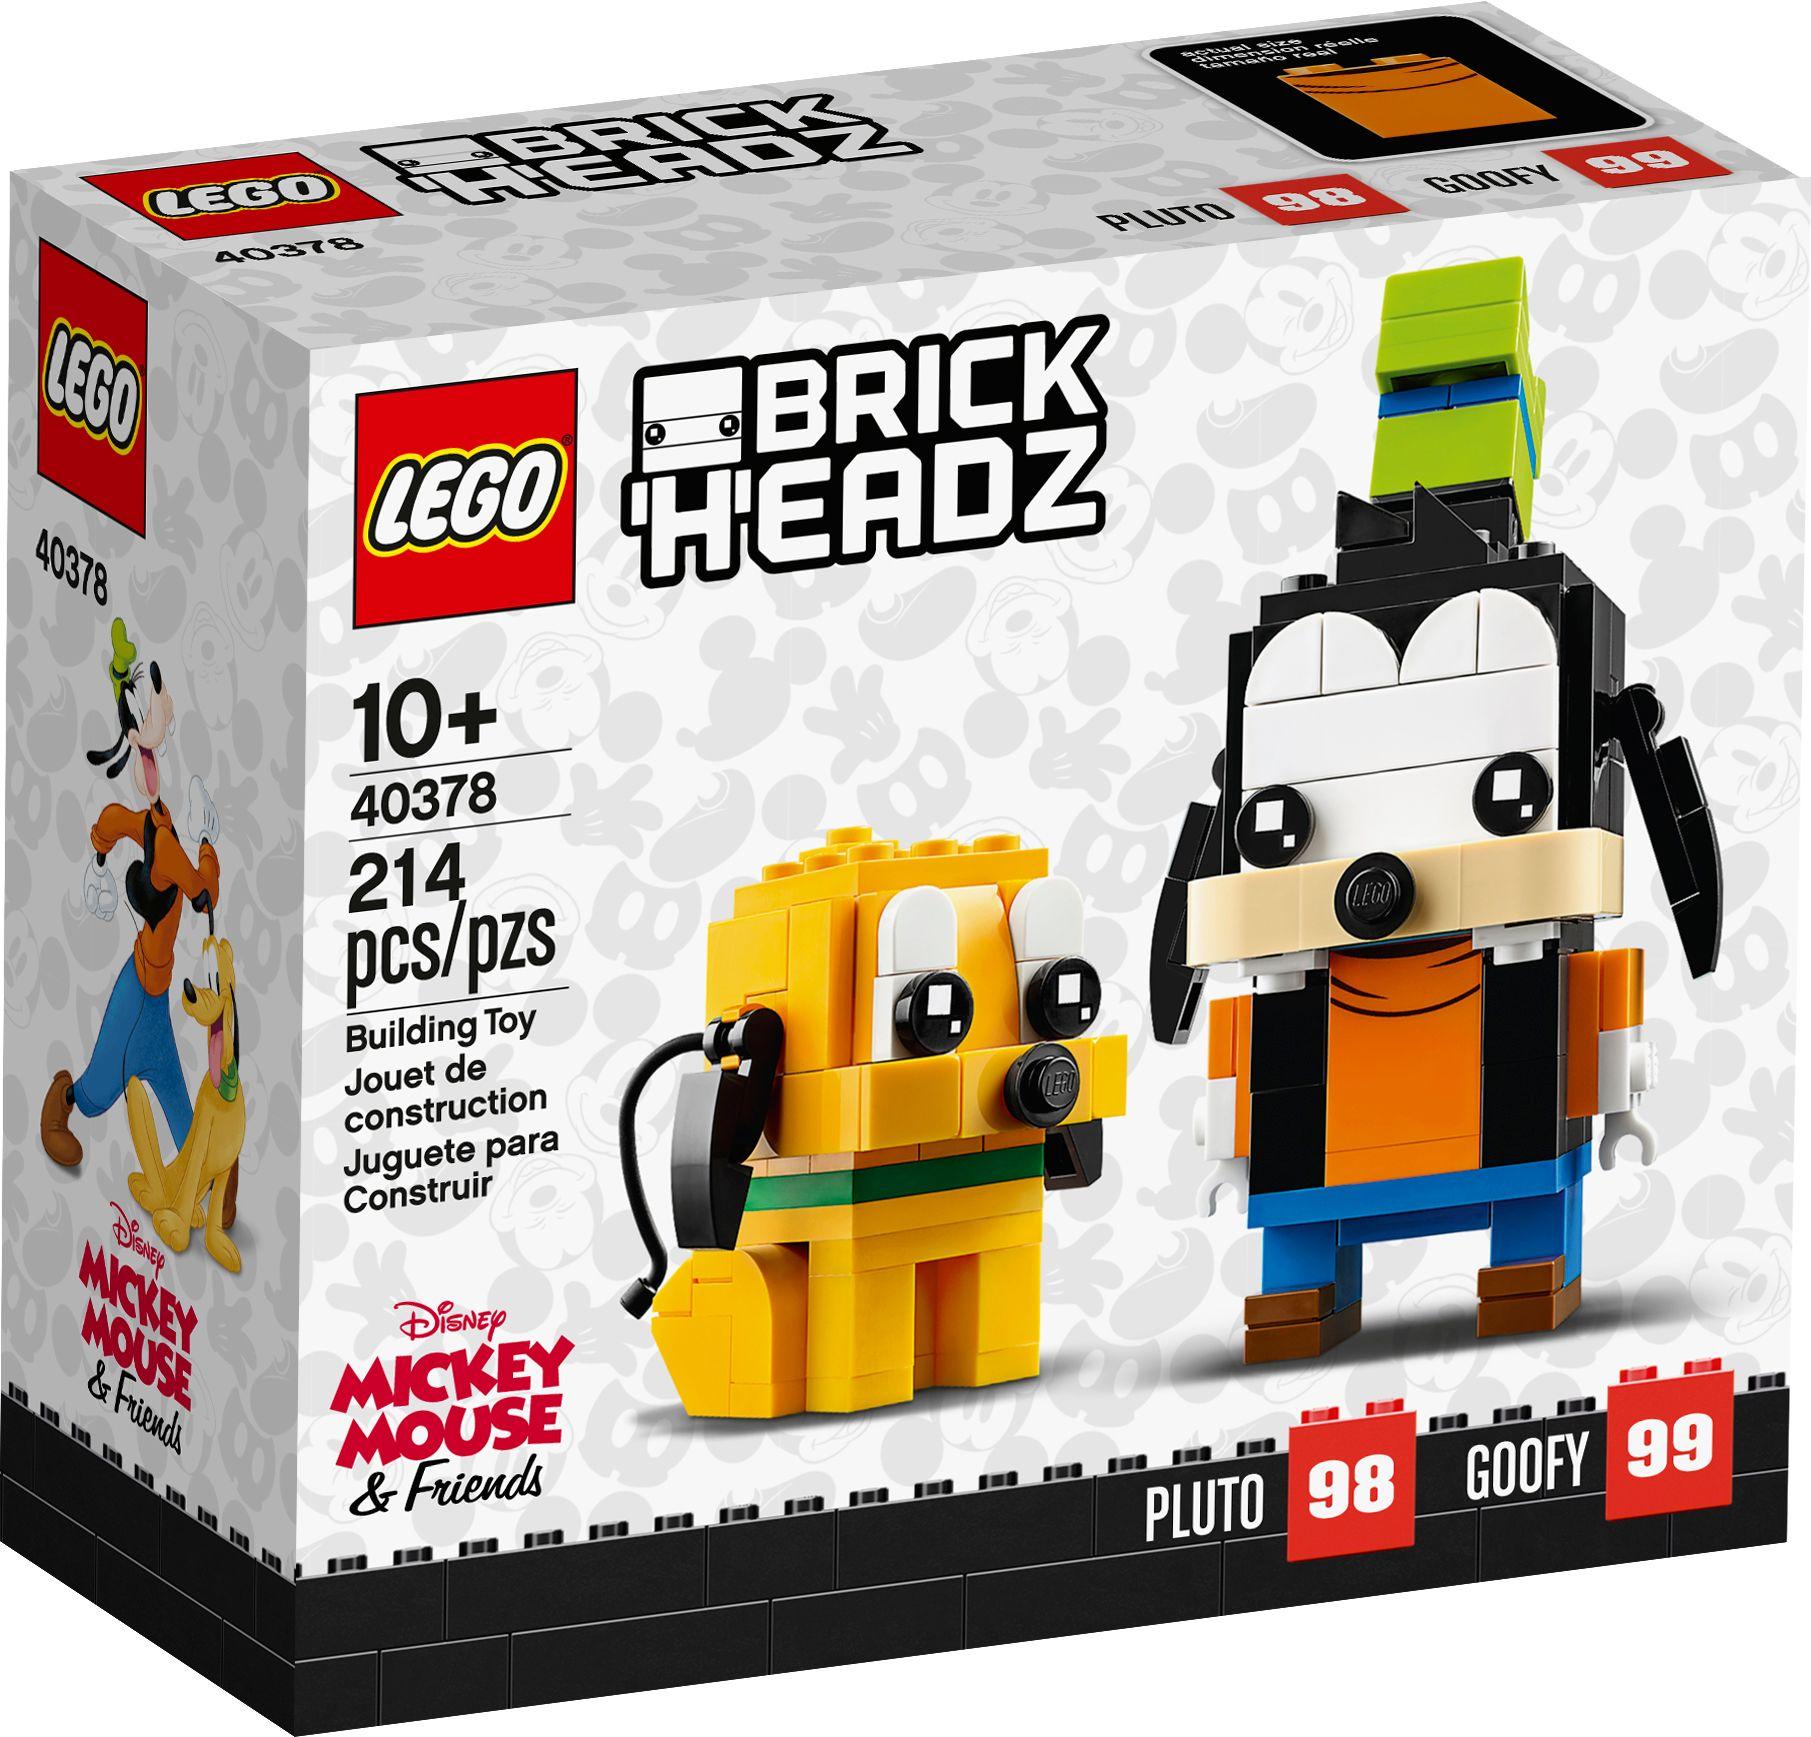 LEGO_40378_alt1goofynpluto